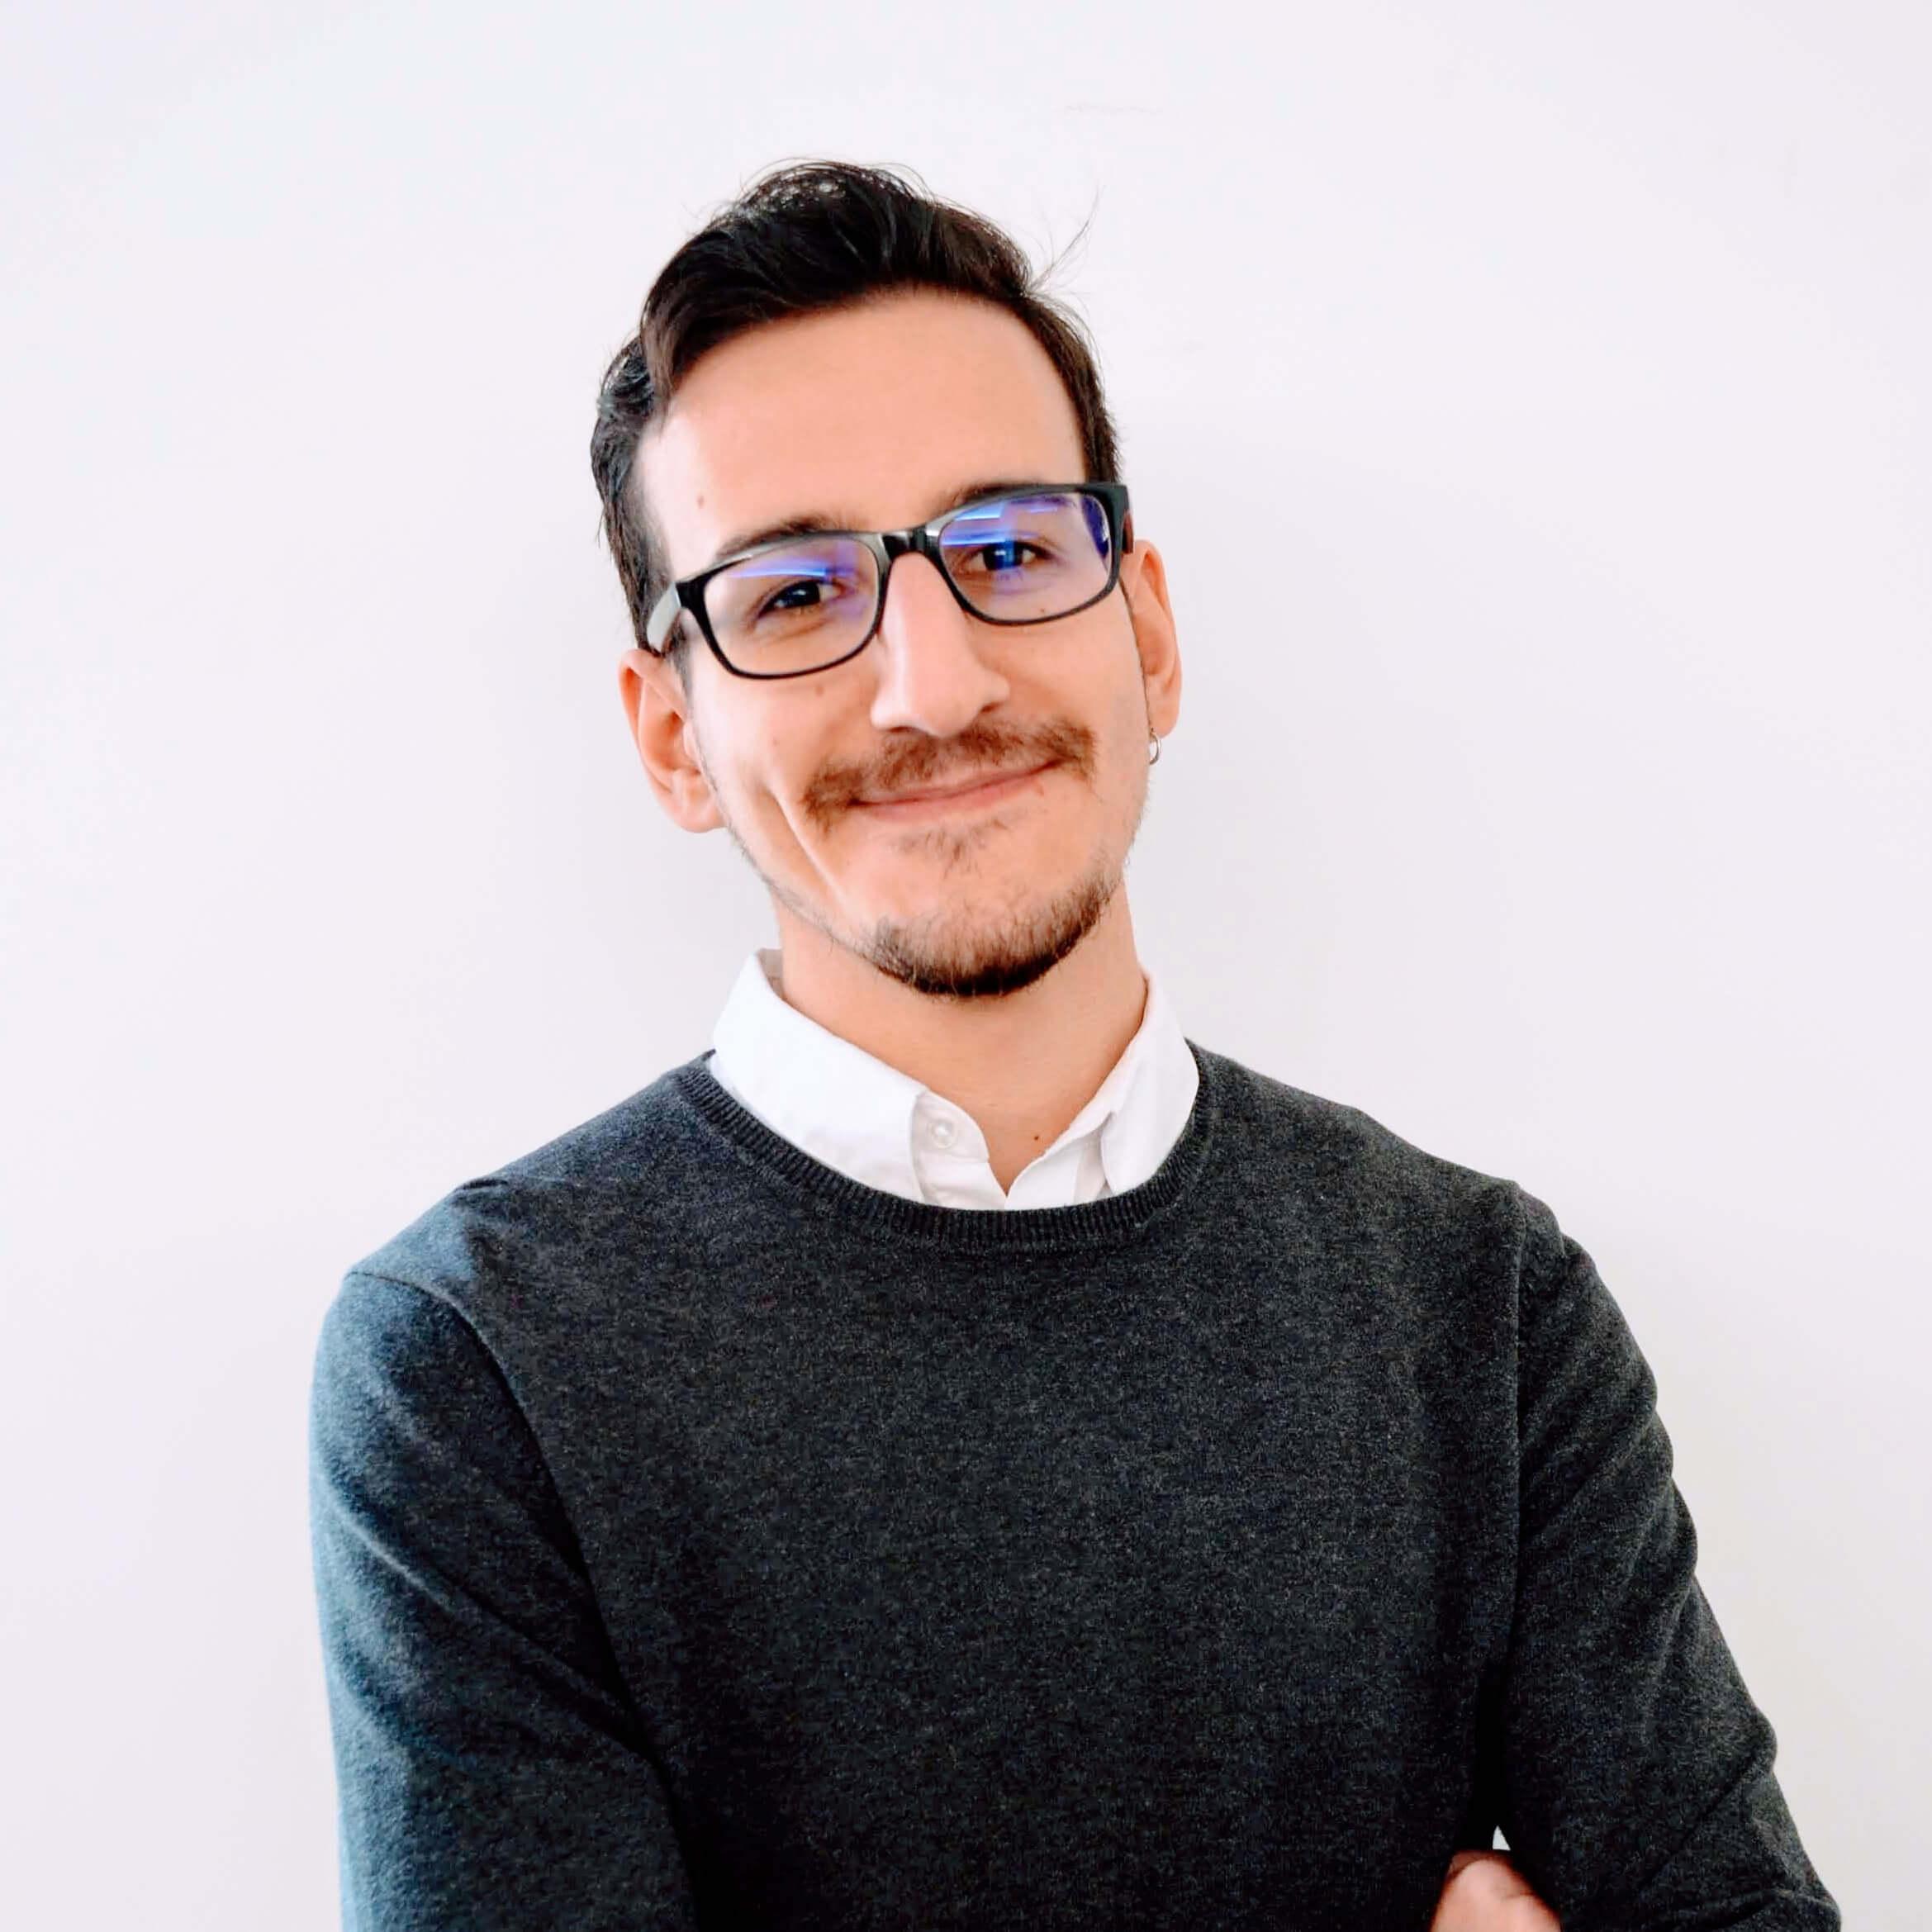 Marco Cianetti